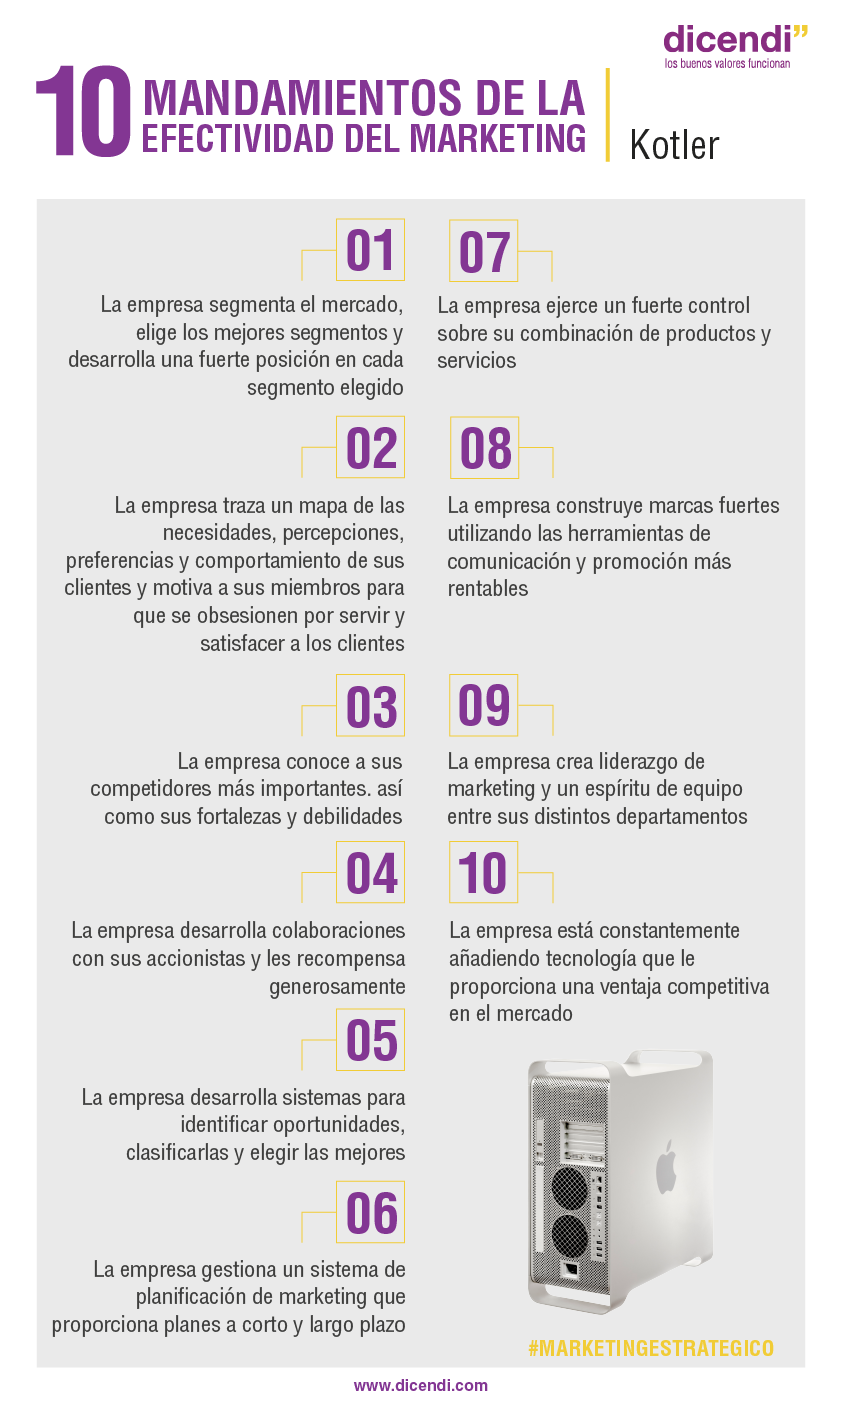 10 mandamientos de la efectividad del marketing